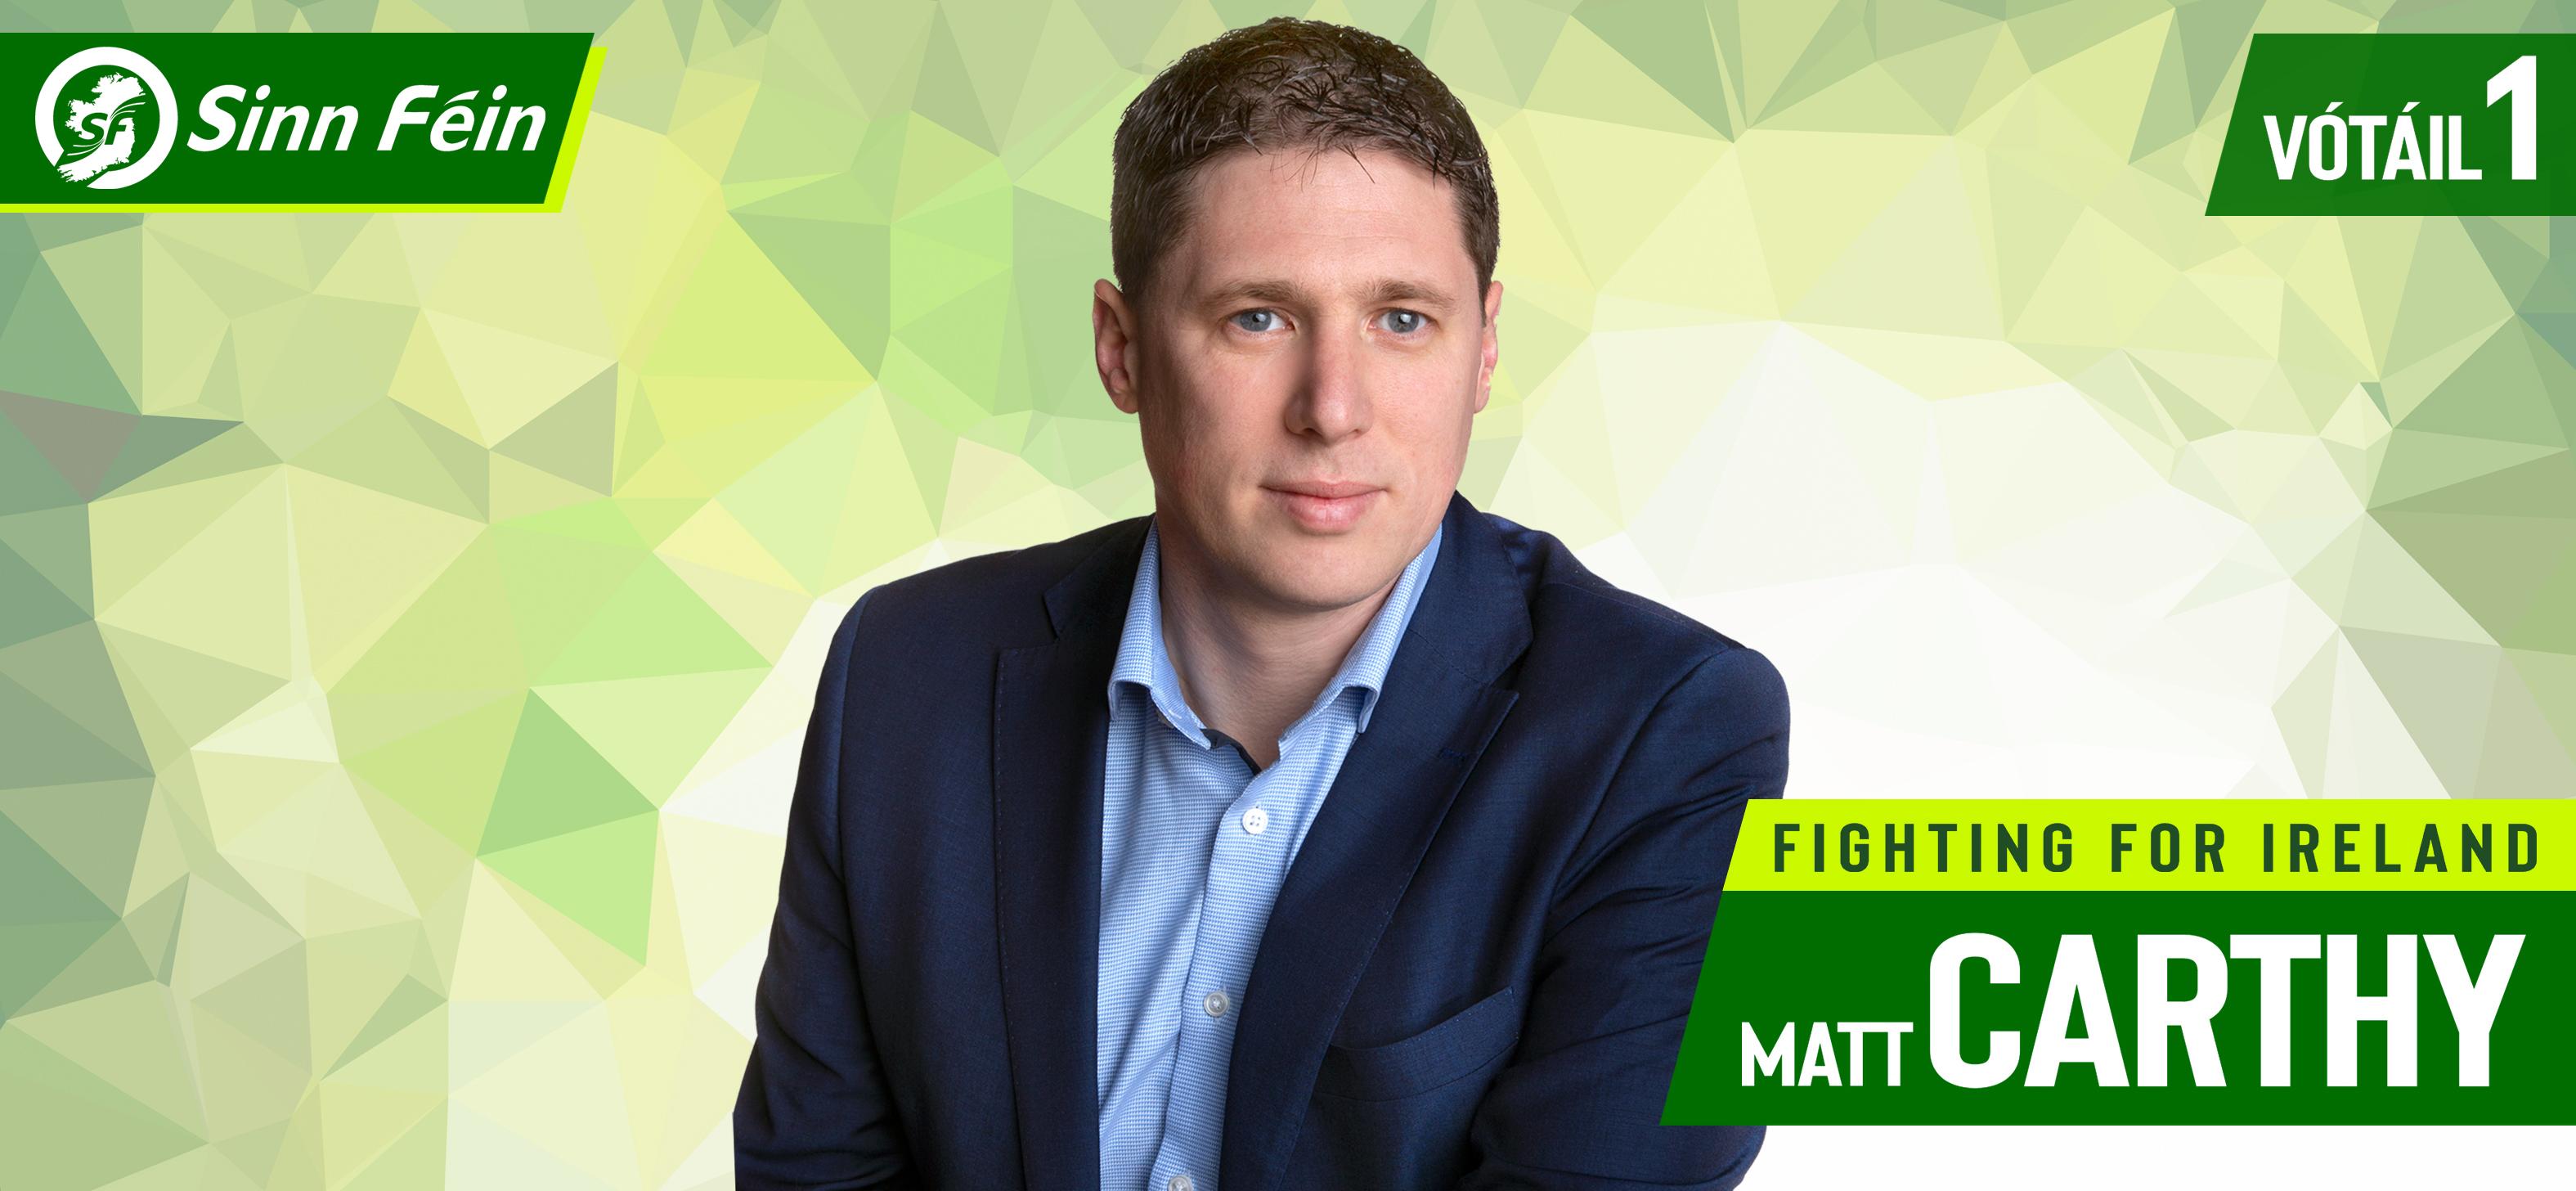 Matt Carthy MEP - Latest News